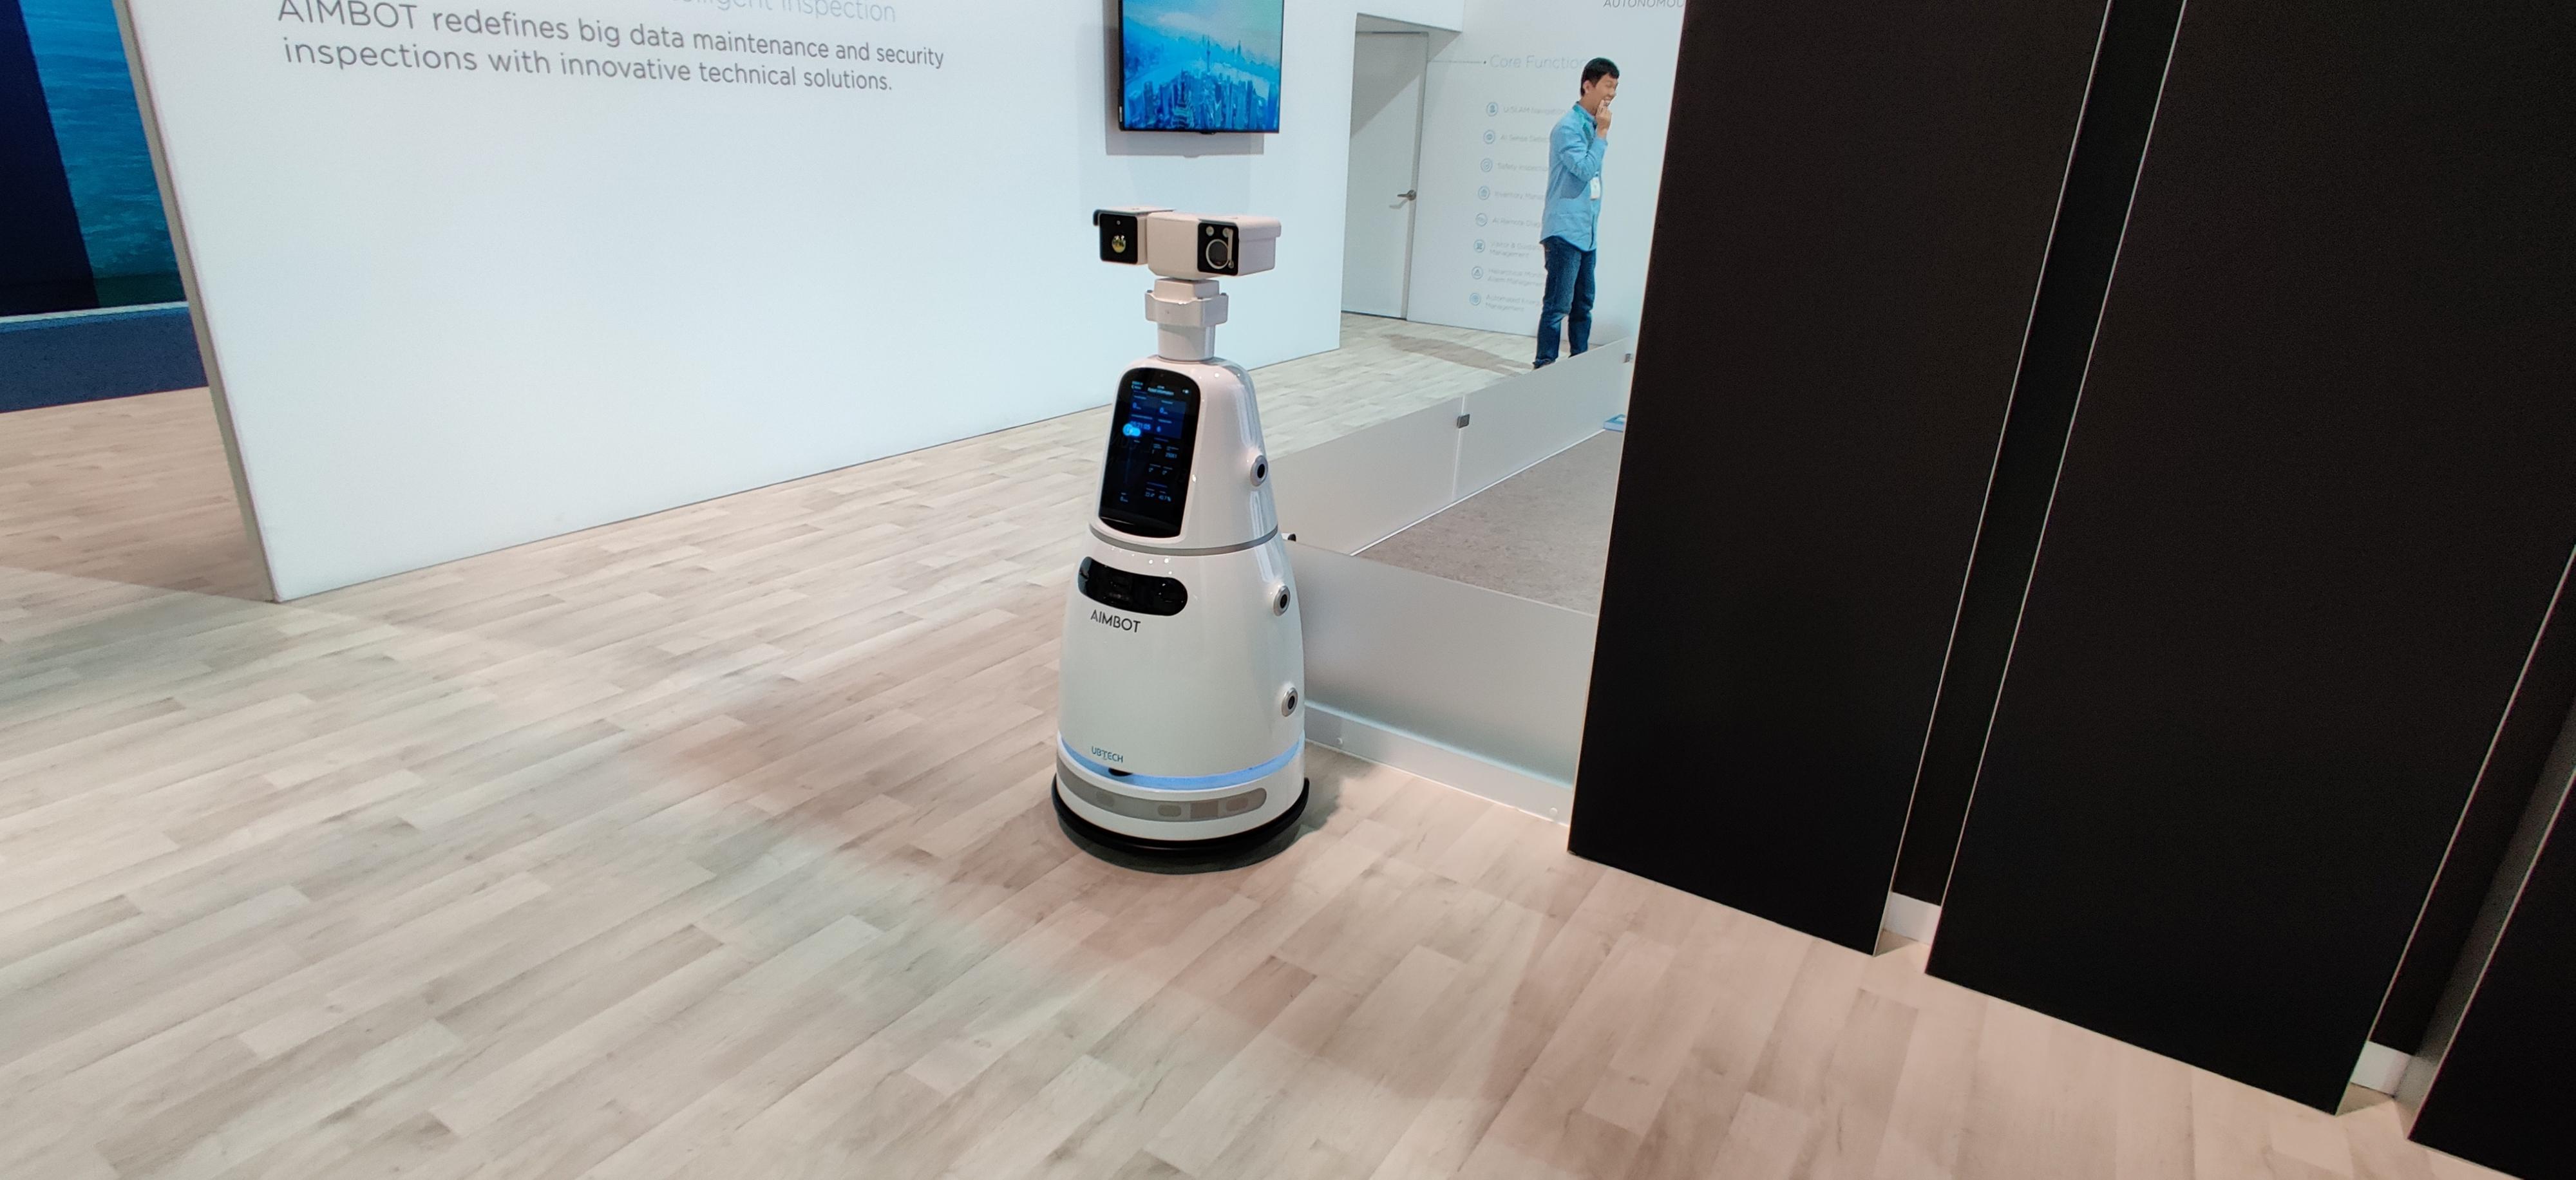 Roboter i alle former og fasonger dukket opp på messegulvet.